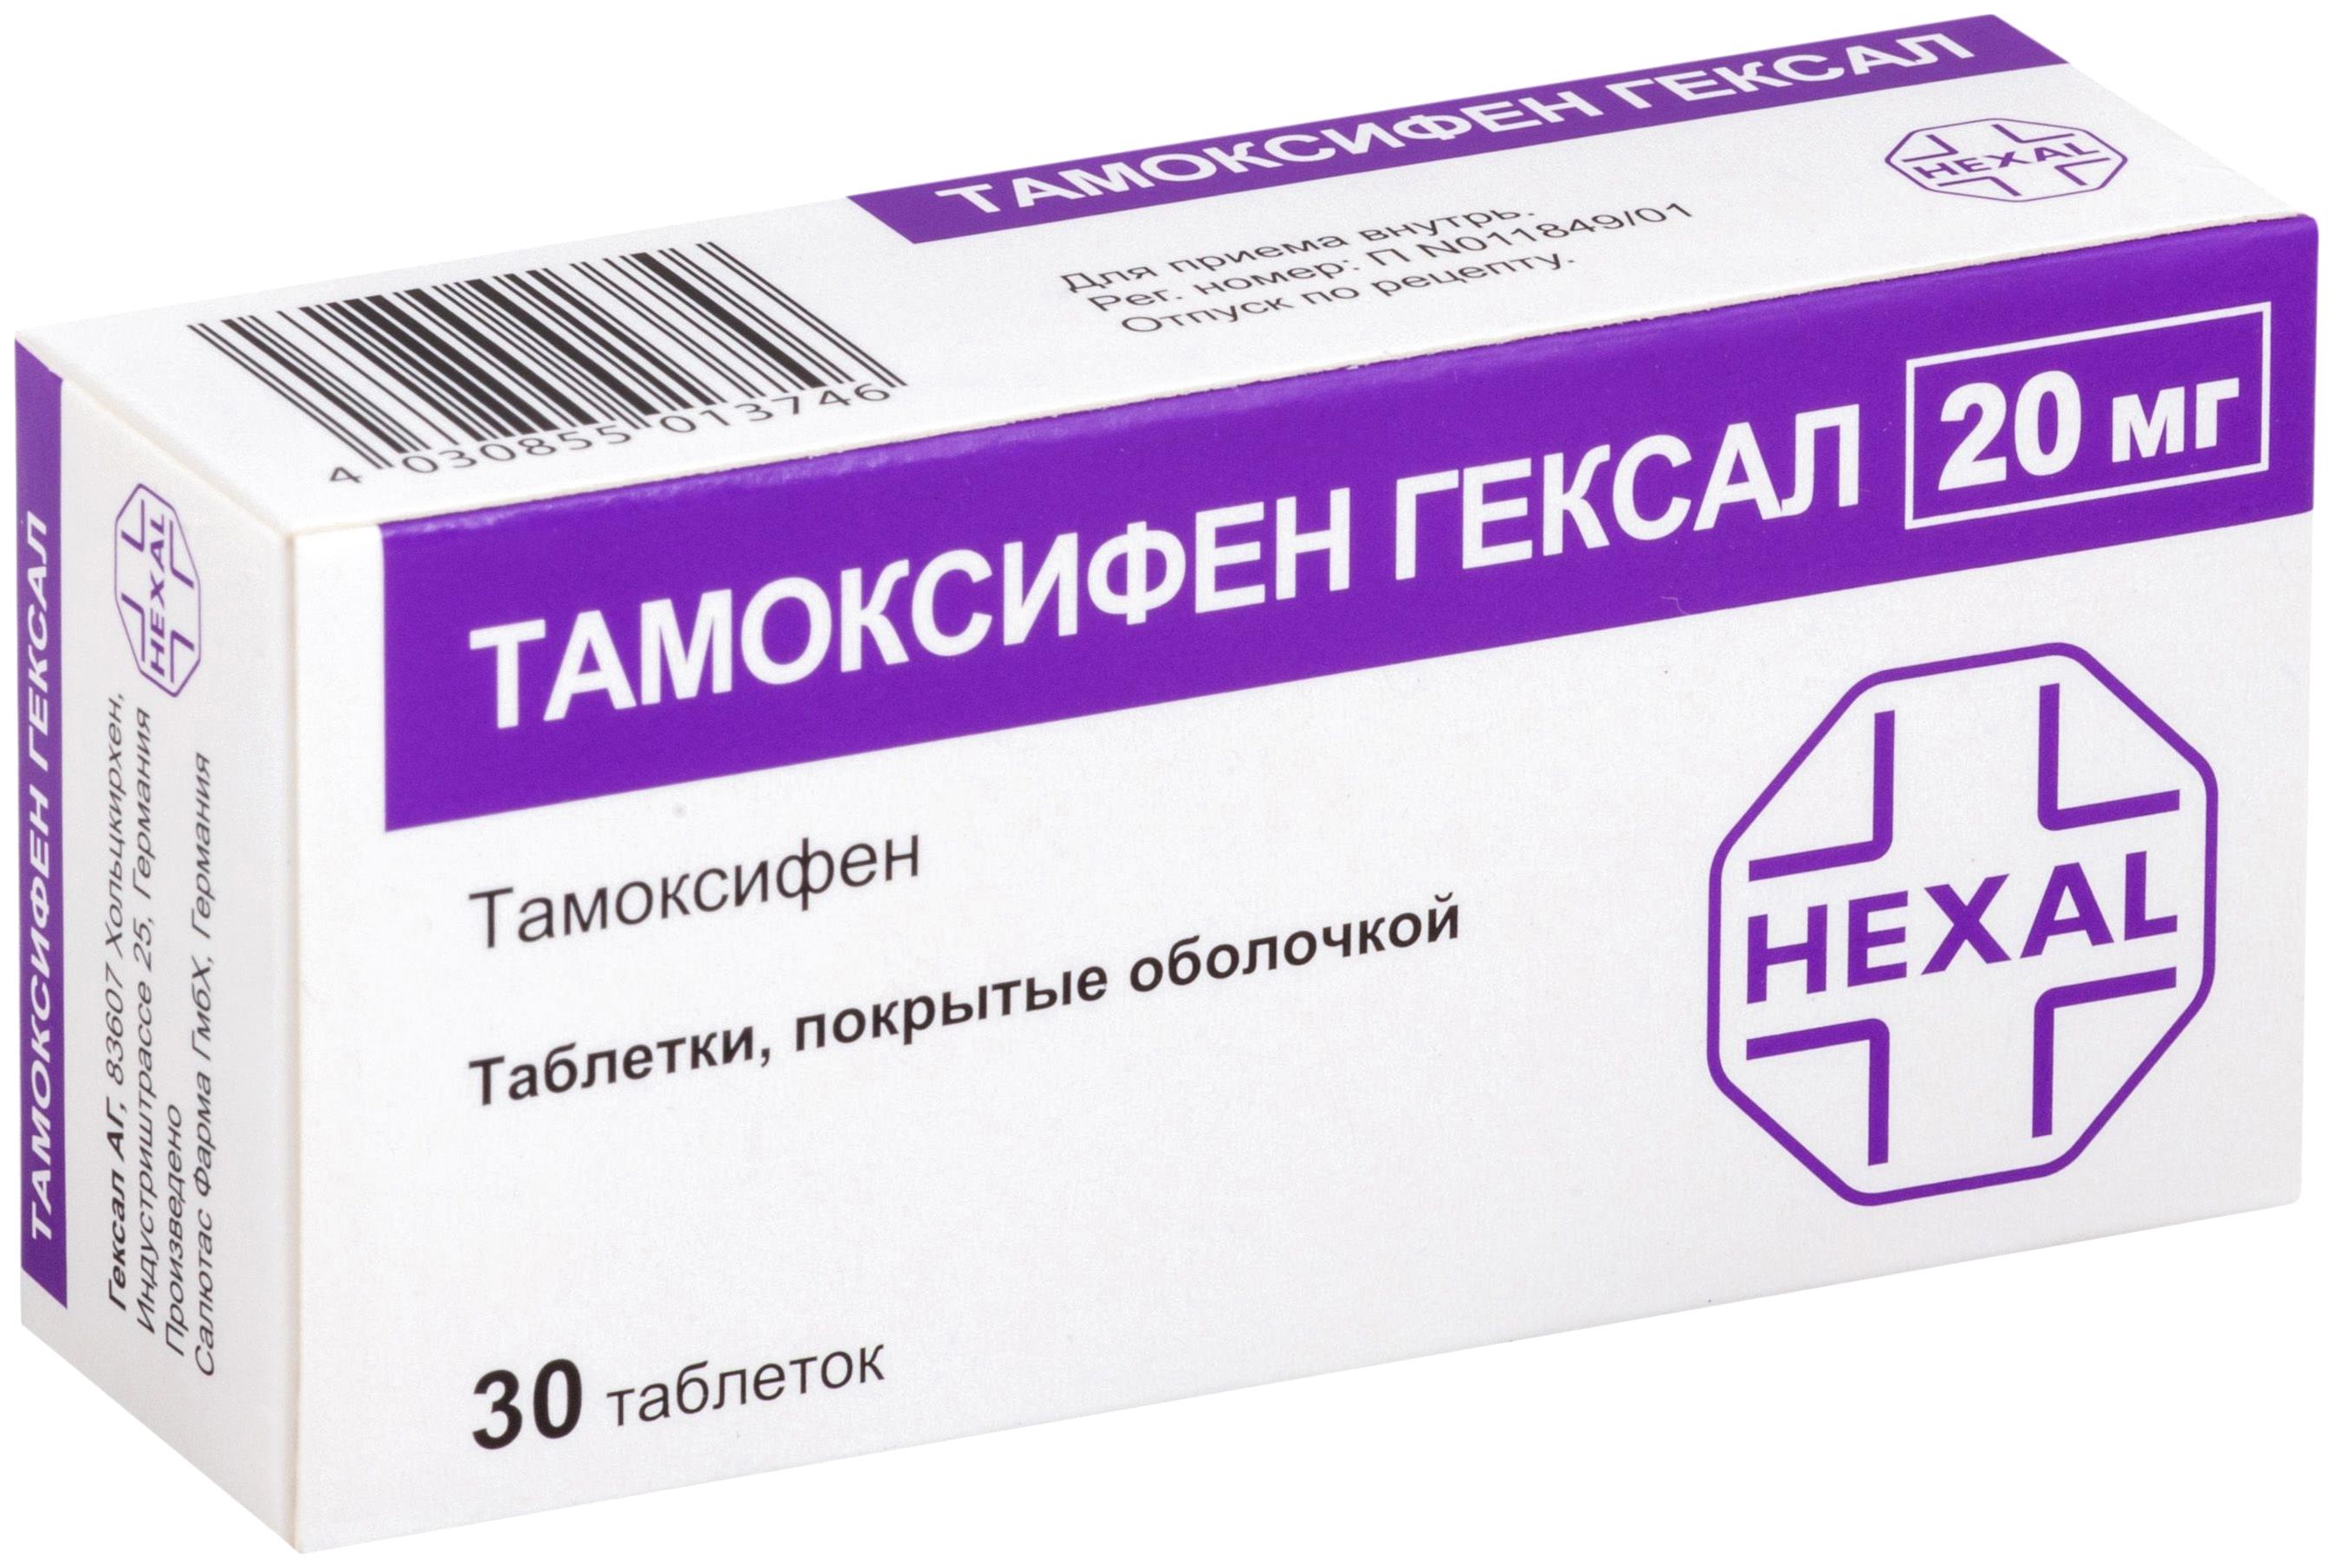 ТАМОКСИФЕН ГЕКСАЛ таблетки 20 мг 30 шт.